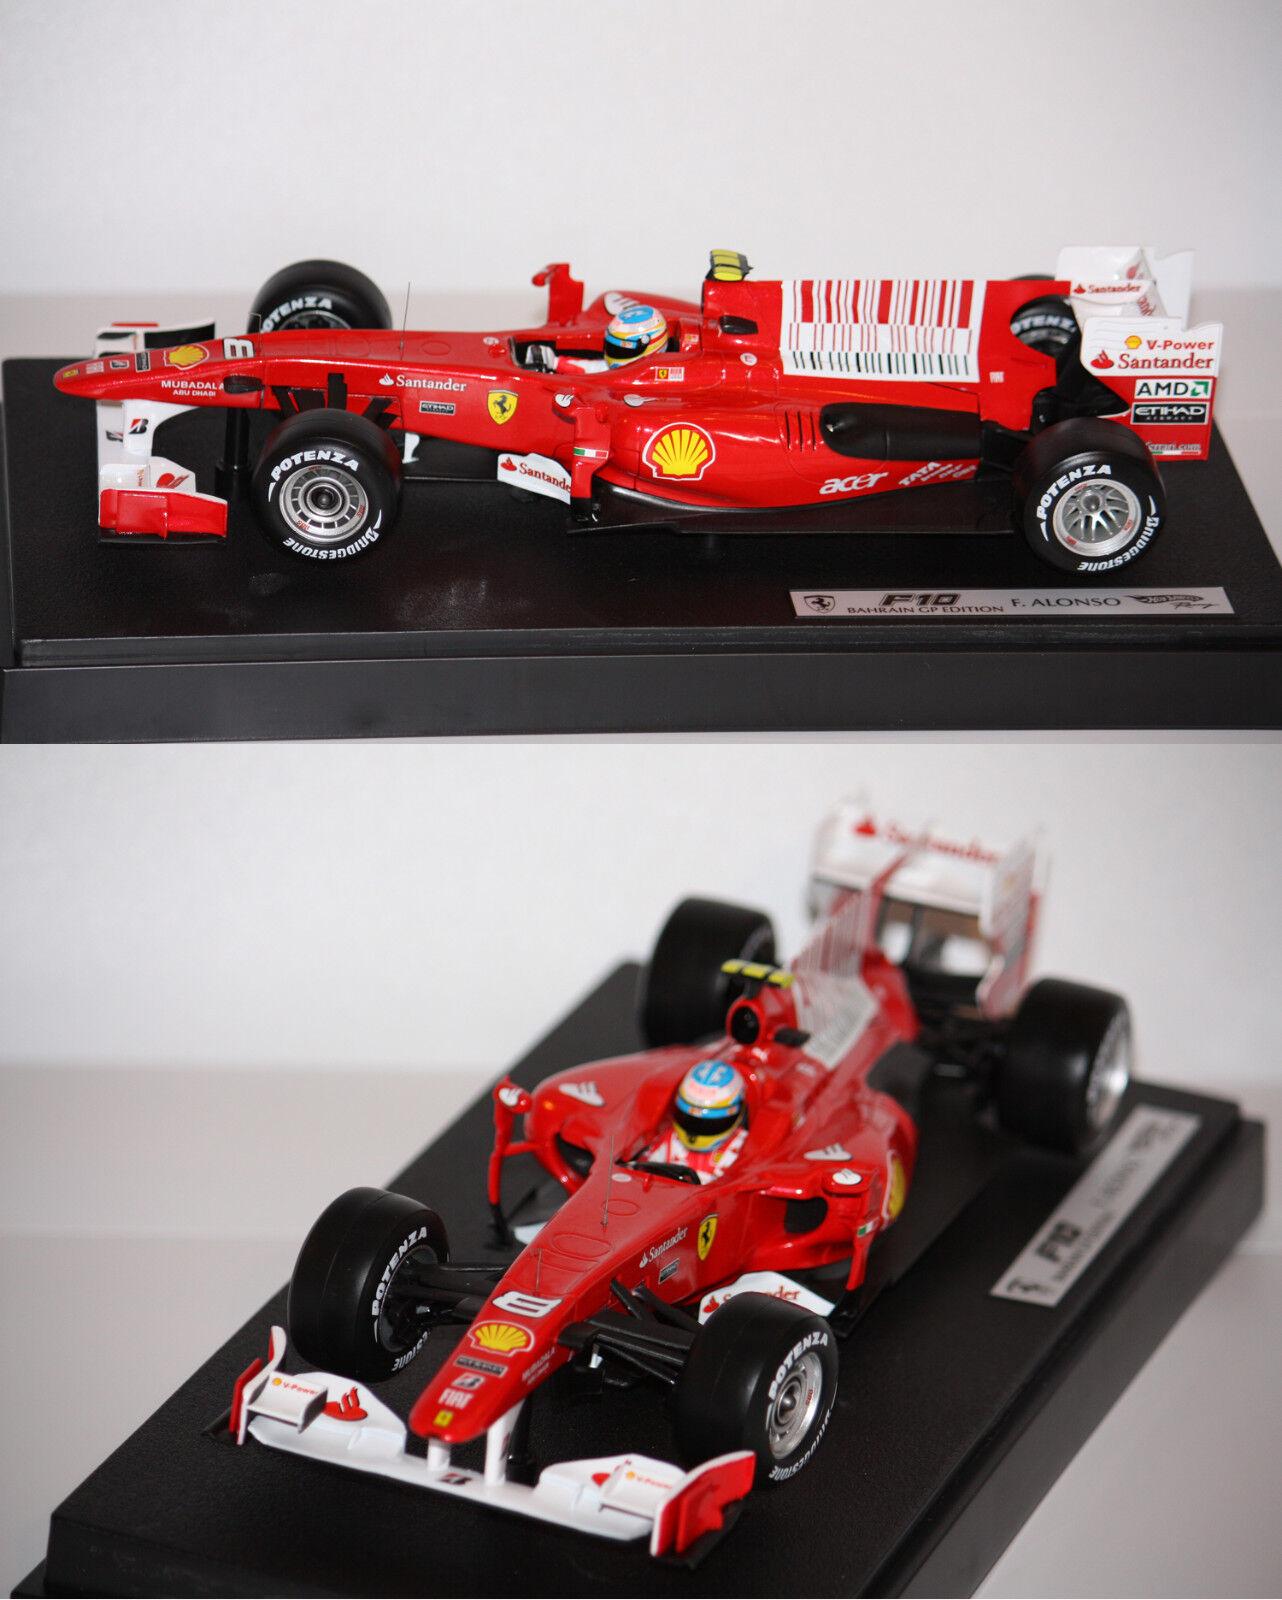 Hotwheels F1 Ferrari F10 F. Alonso 2010 1 18 T6287 13